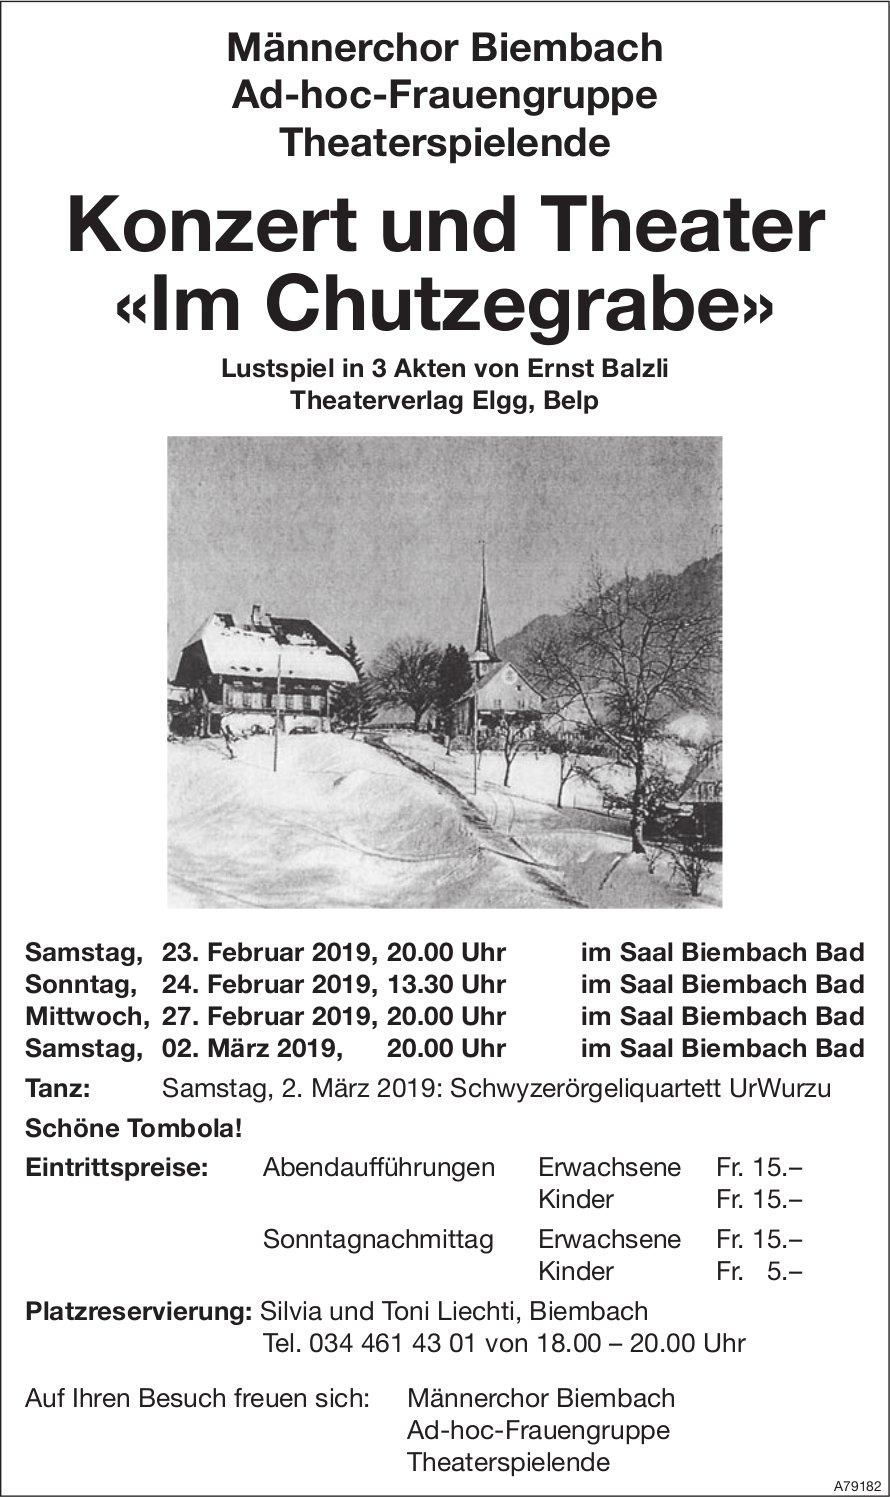 Konzert und Theater «Im Chutzegrabe», 23. /24. /27. Februar & 2. März, im Saal Biembach Bad